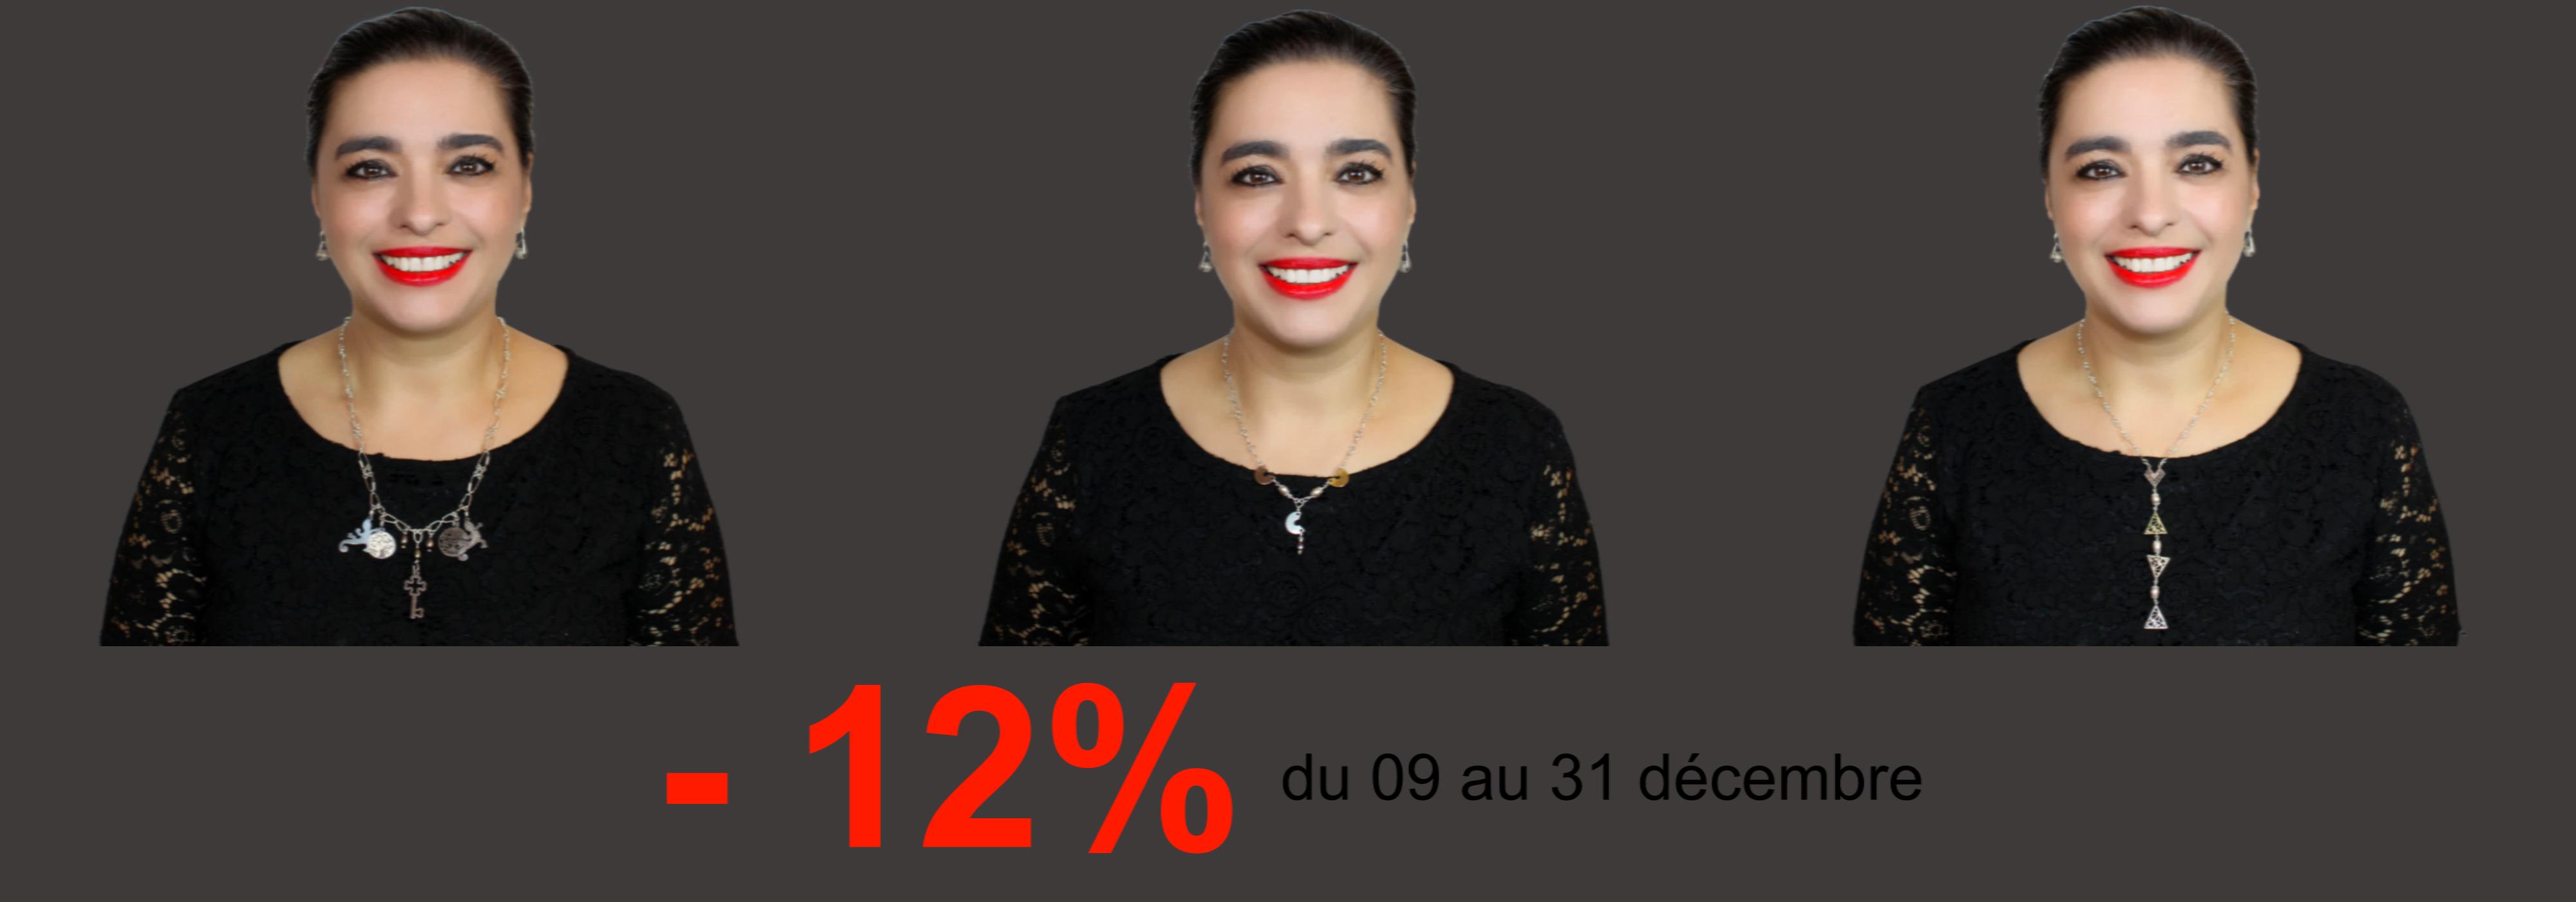 Bannière_audace